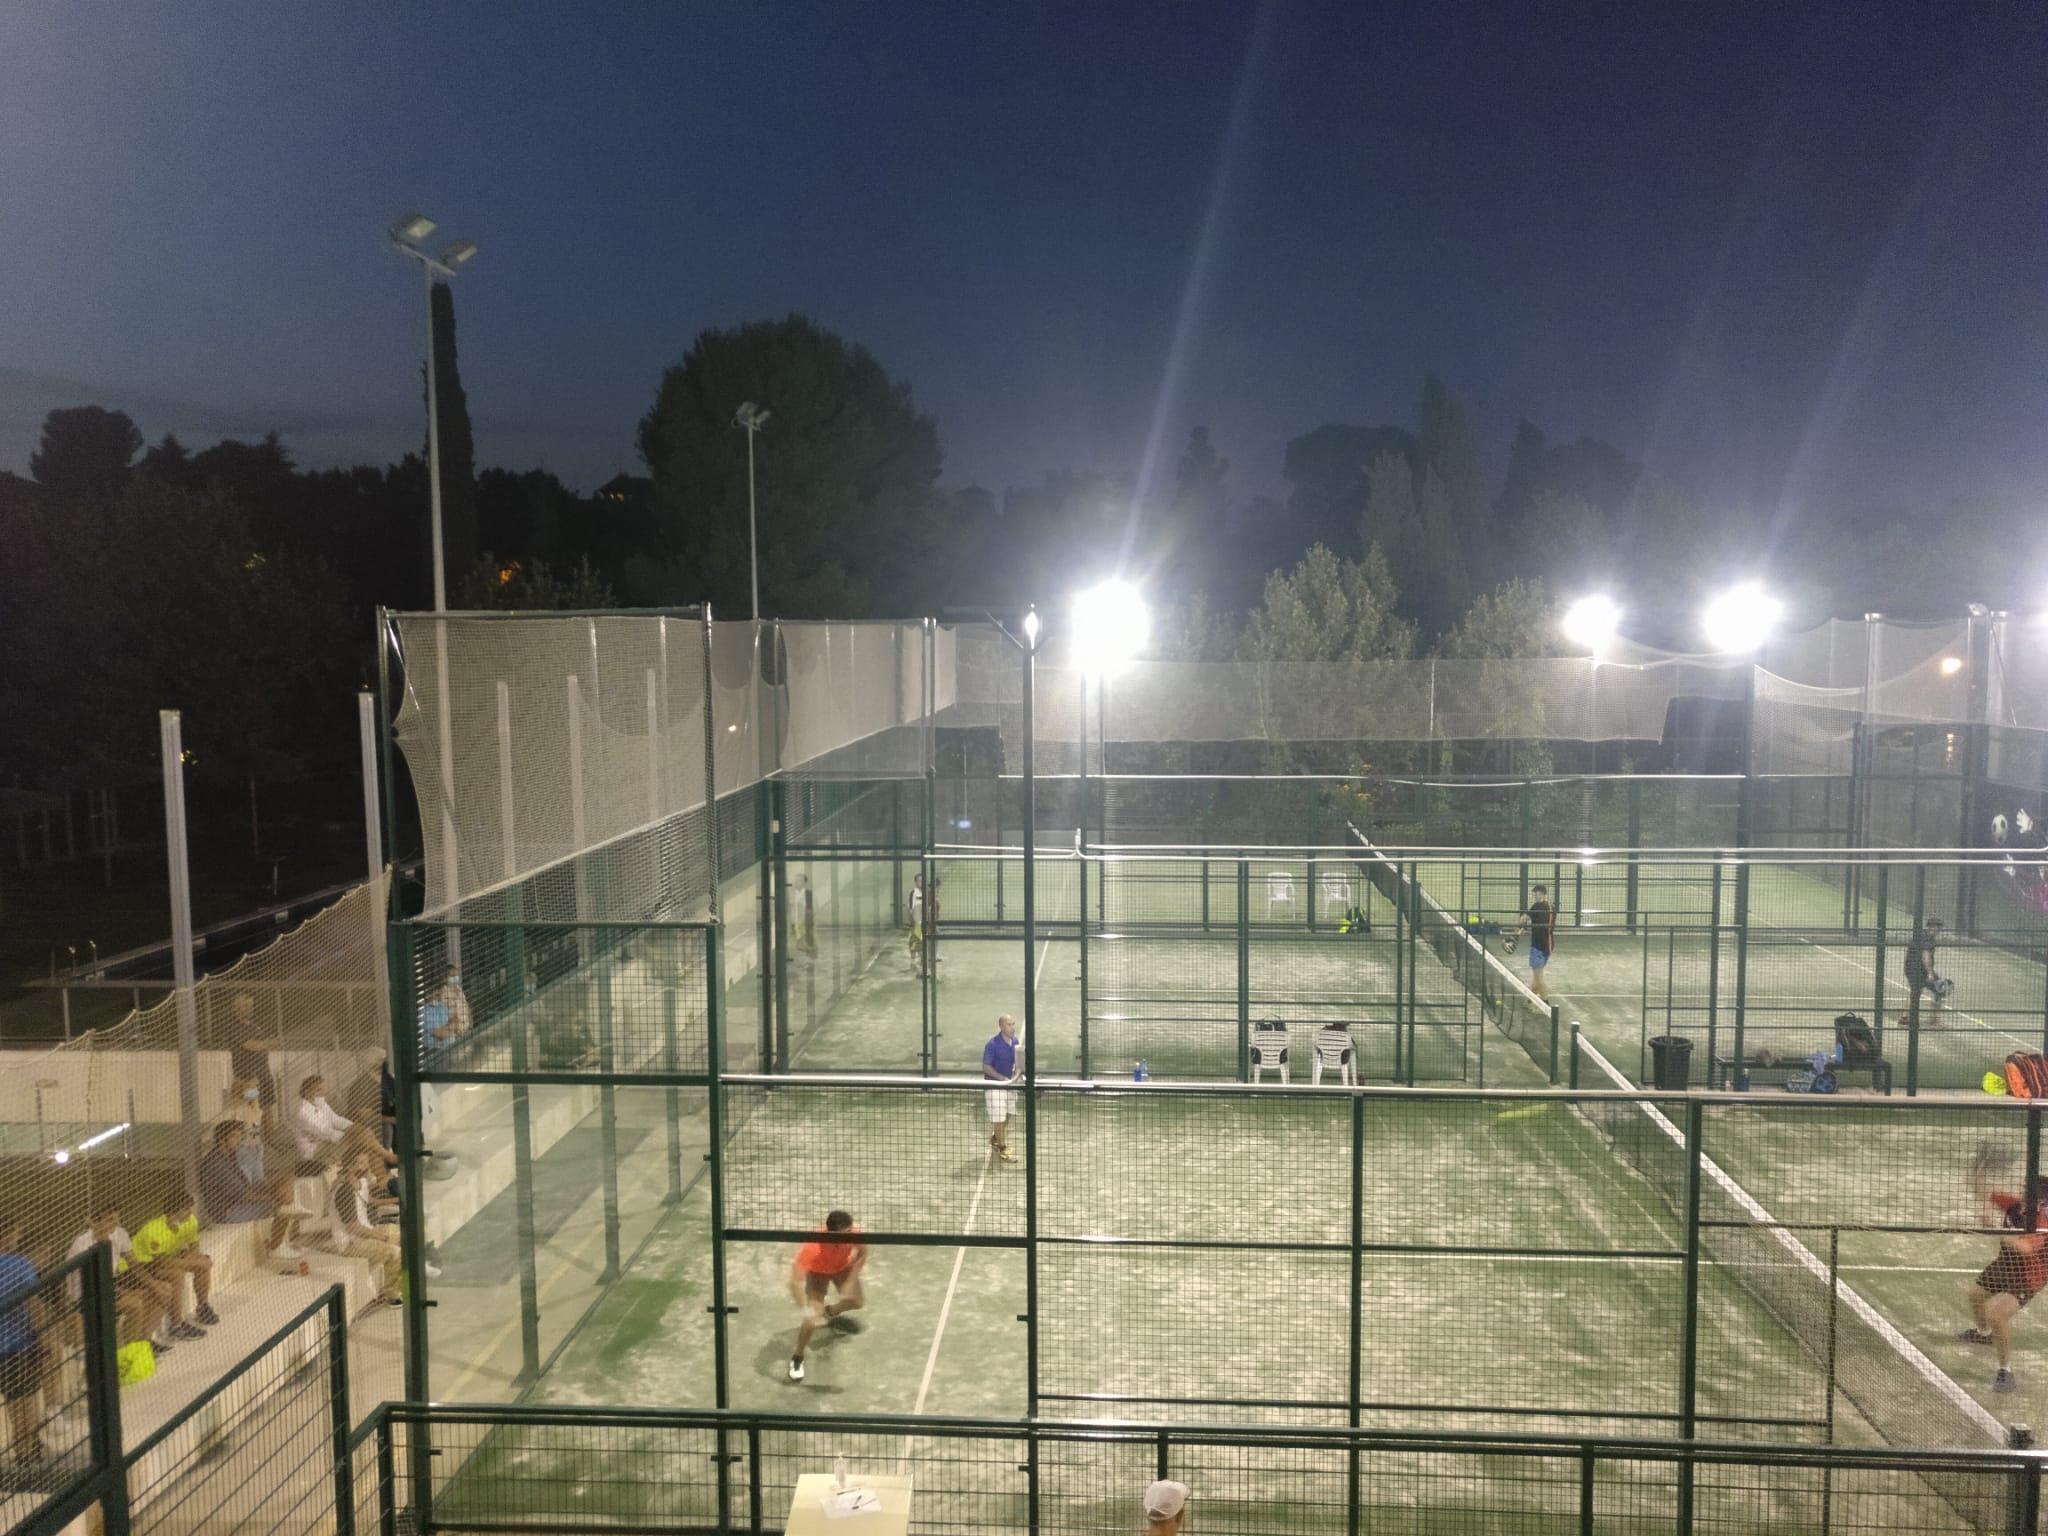 Els partits es van jugar fins a altes hores de la nit | Club Bellaterra